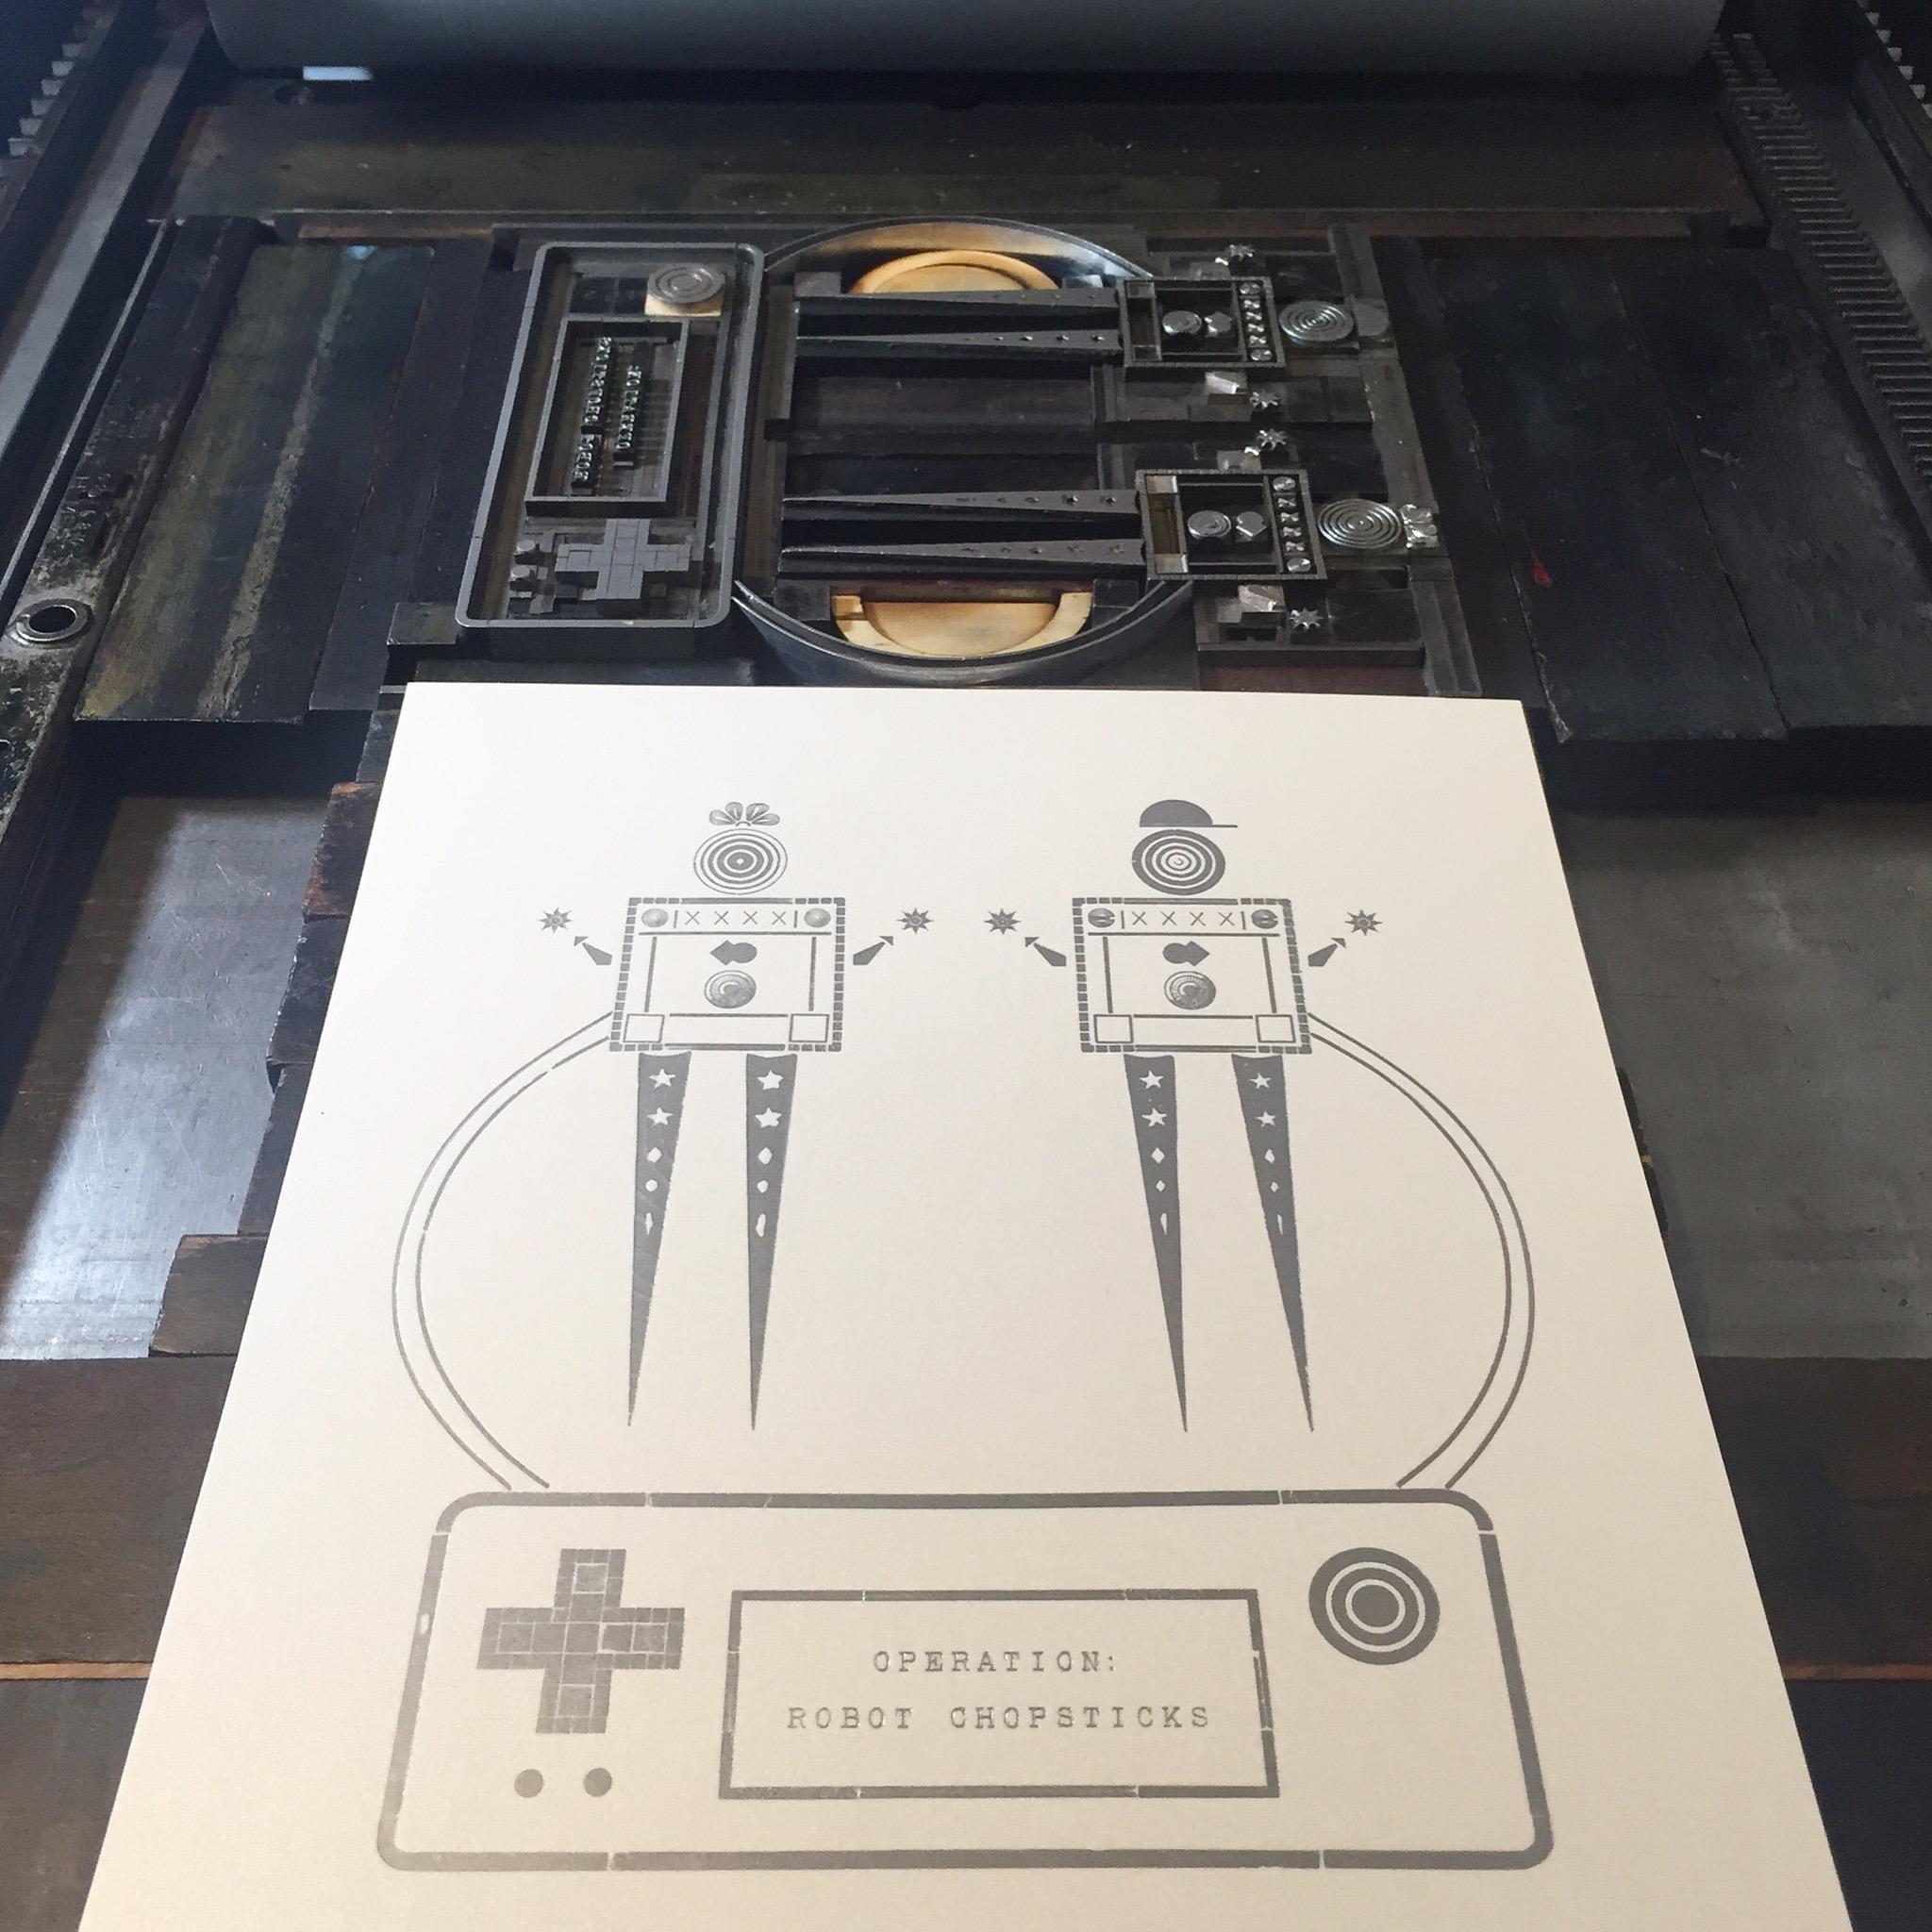 Operation: Robot Chopsticks